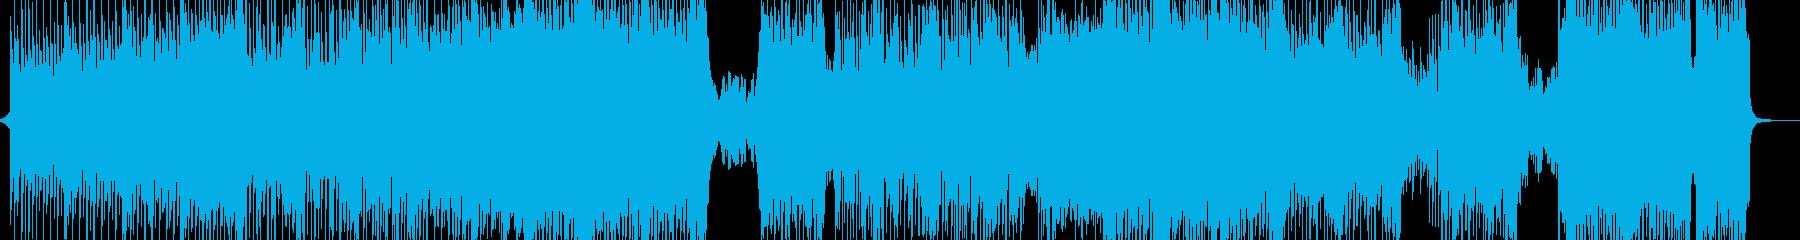 カラフル☆ハッピーなテクノポップ Lの再生済みの波形